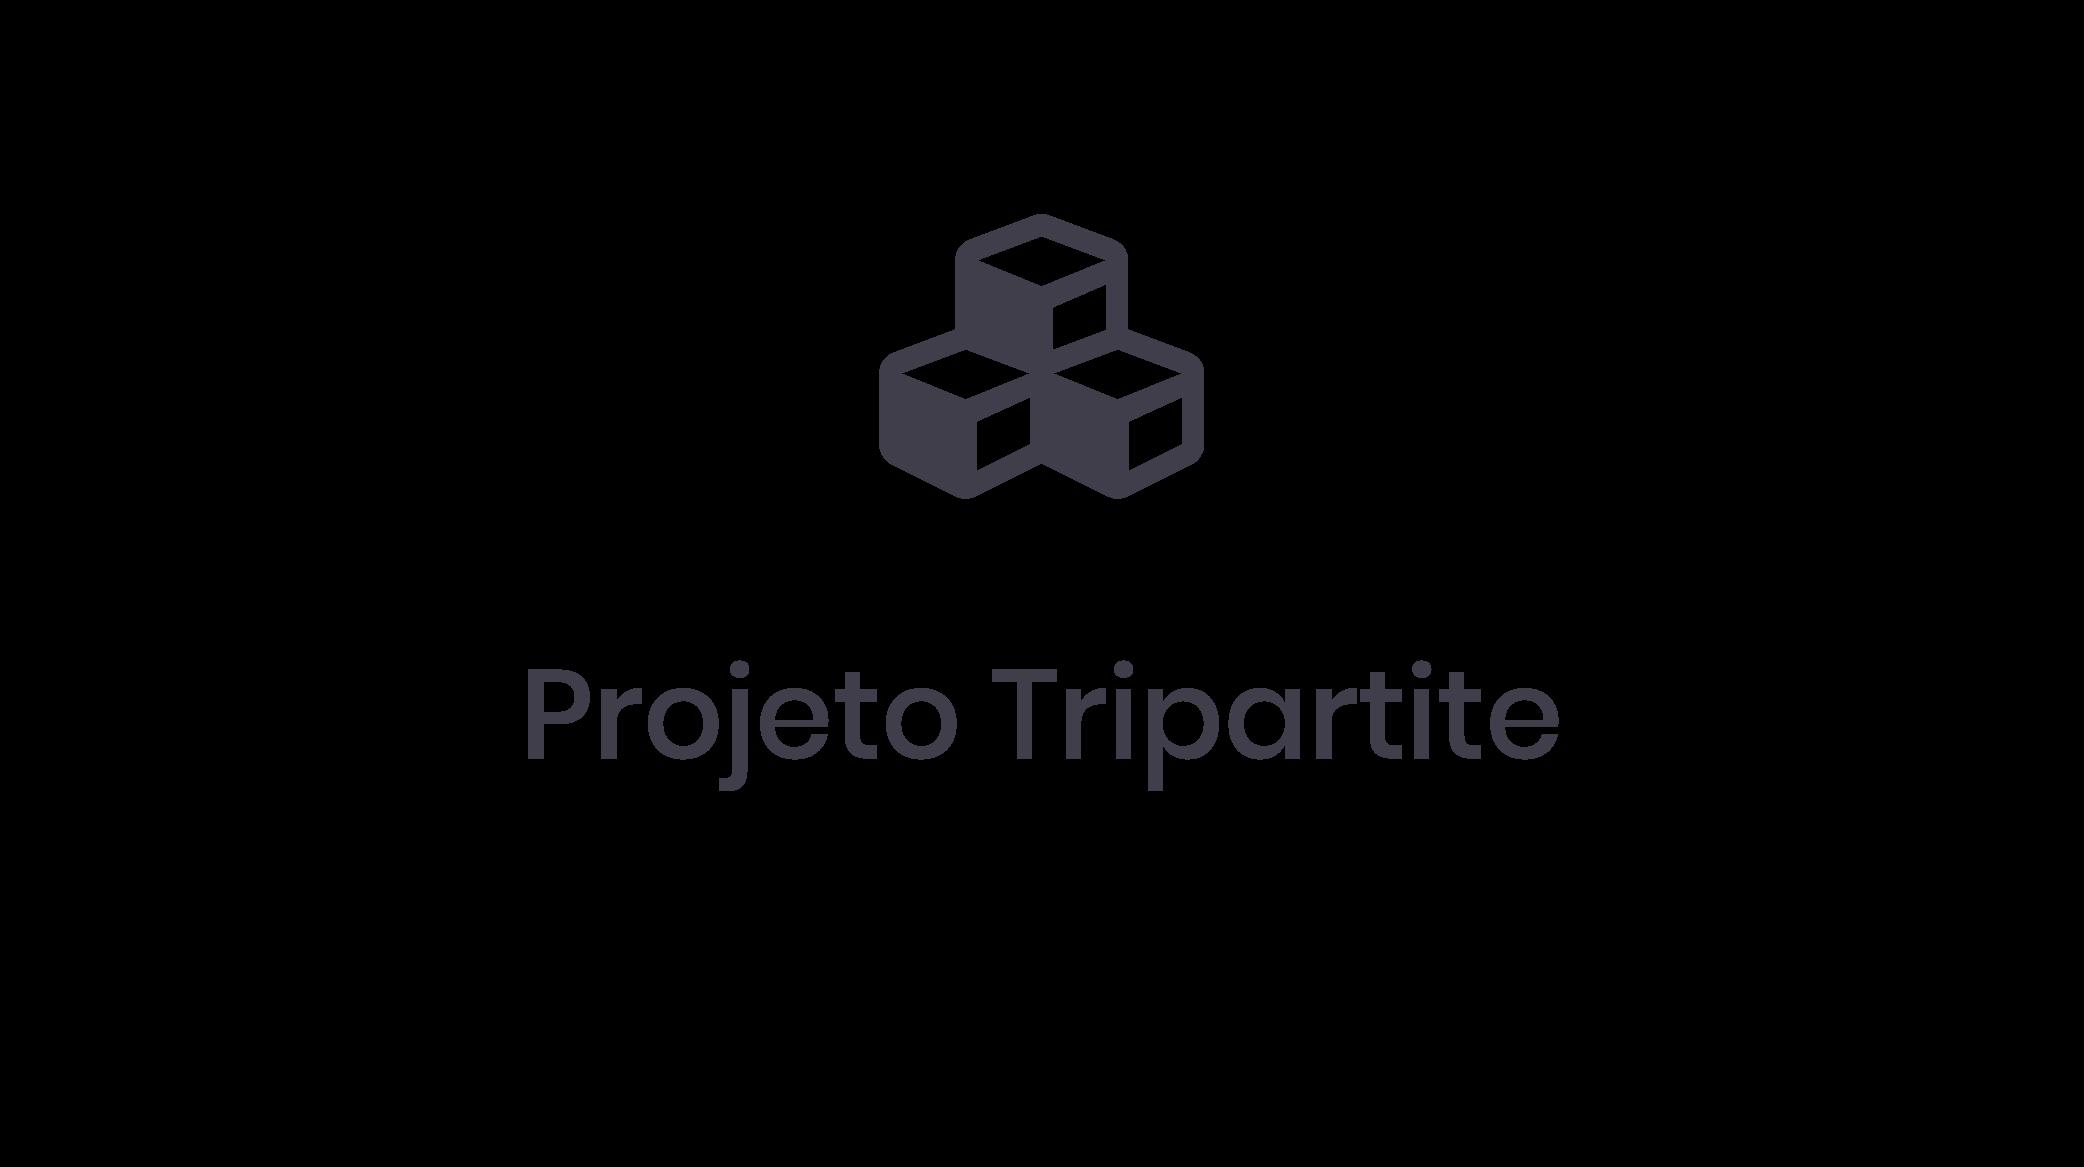 Projeto Tripartite